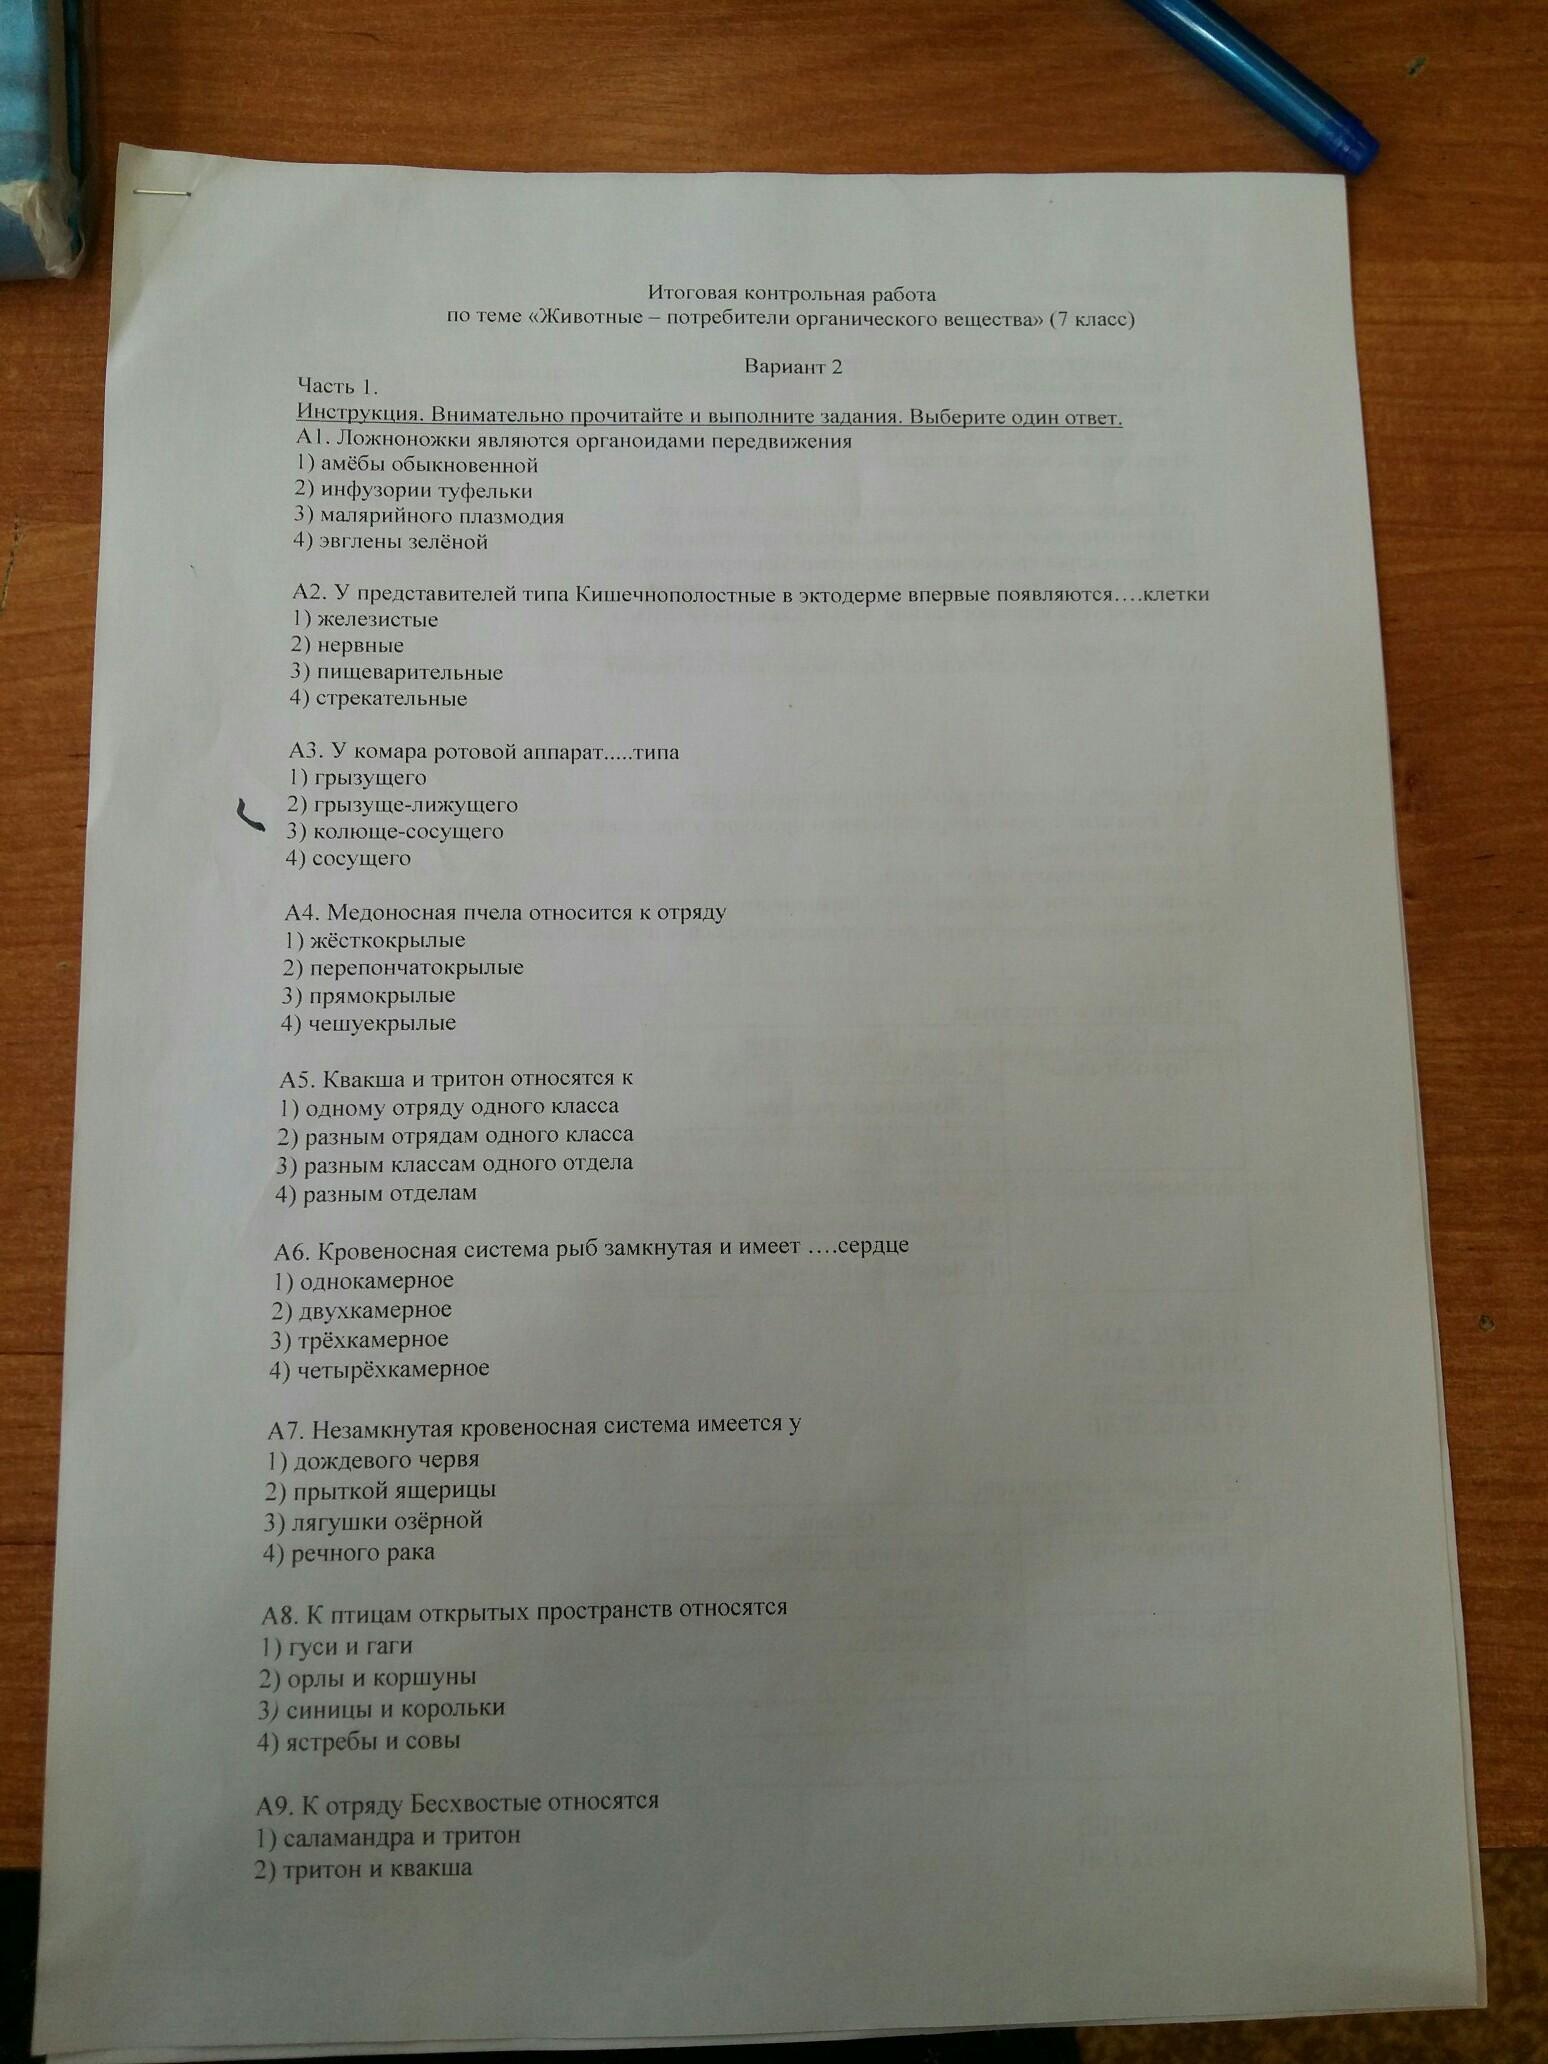 итоговая контрольная работа по биологии 7 класс сонин